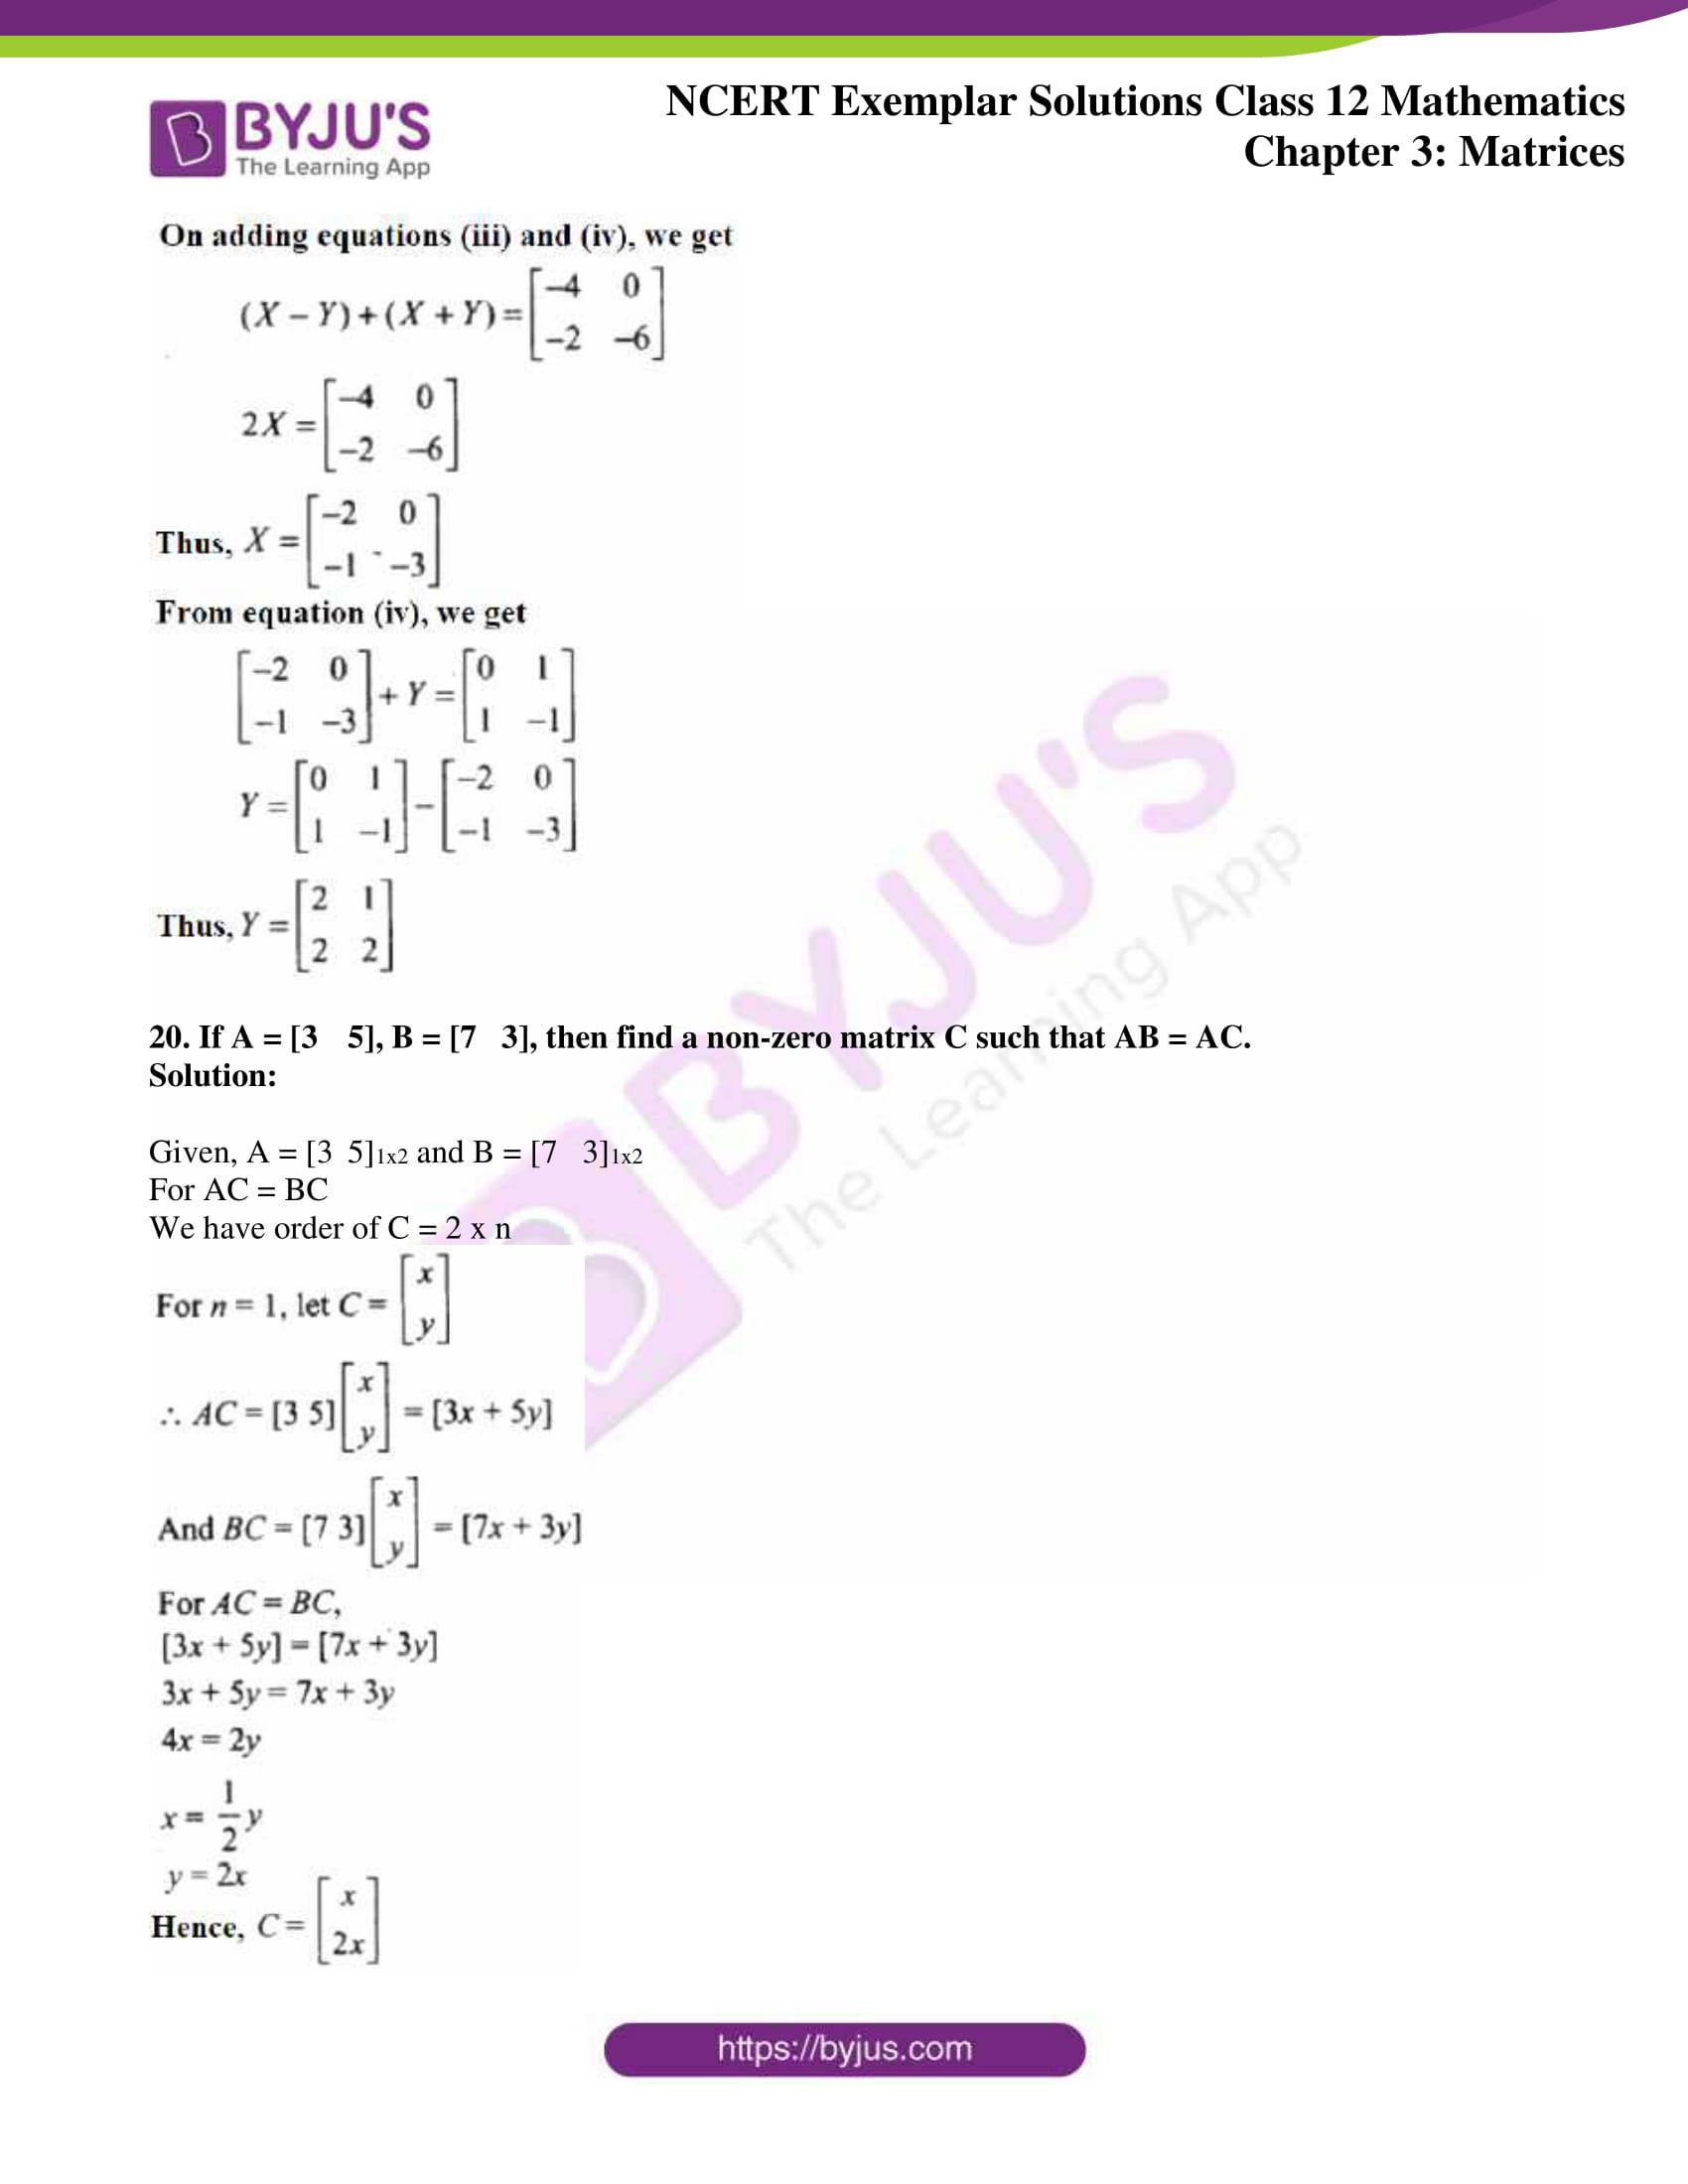 ncert exemplar sol class 12 math ch3 11